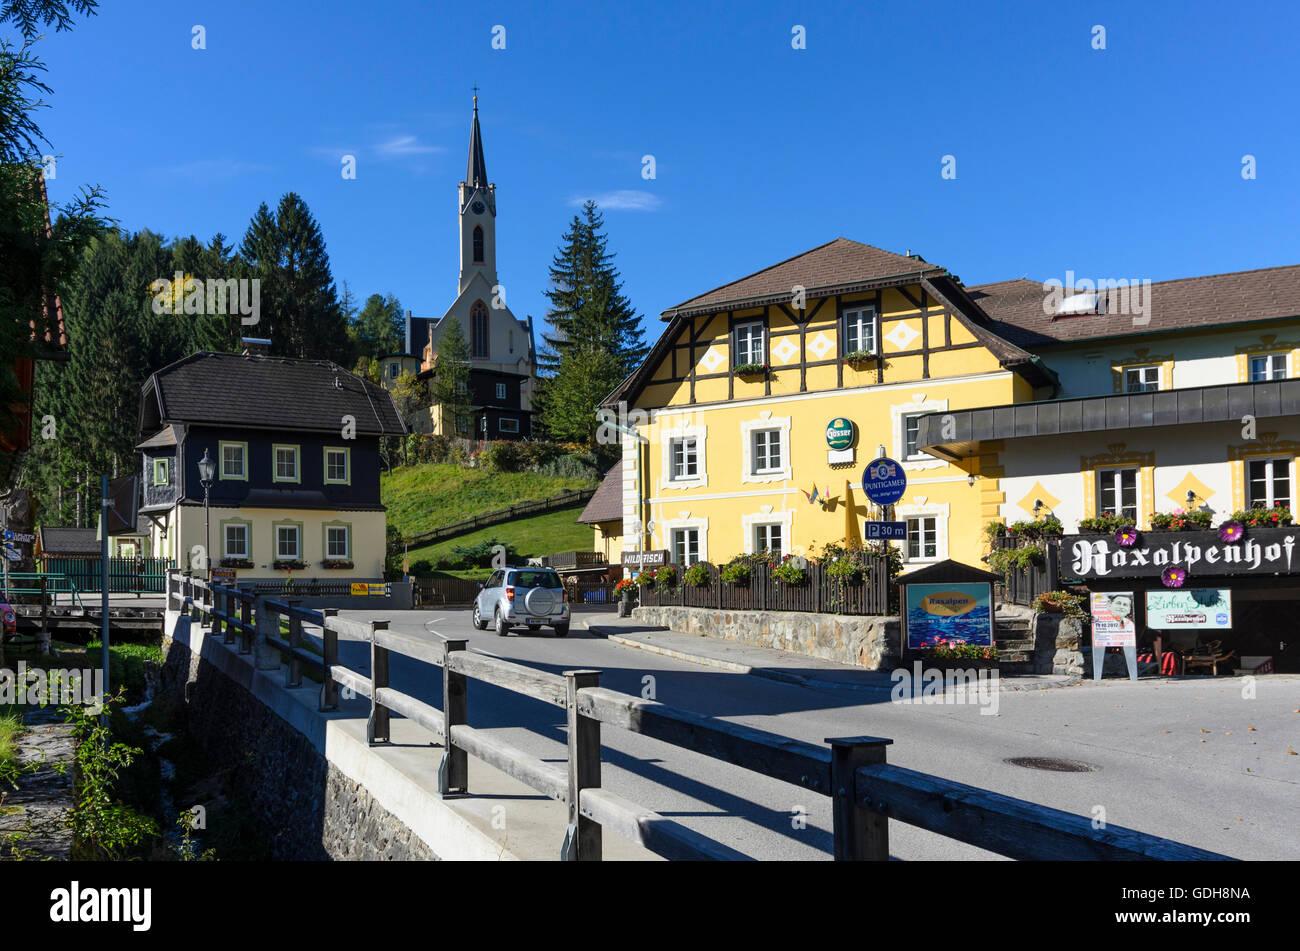 Hotel Wiener Alpen